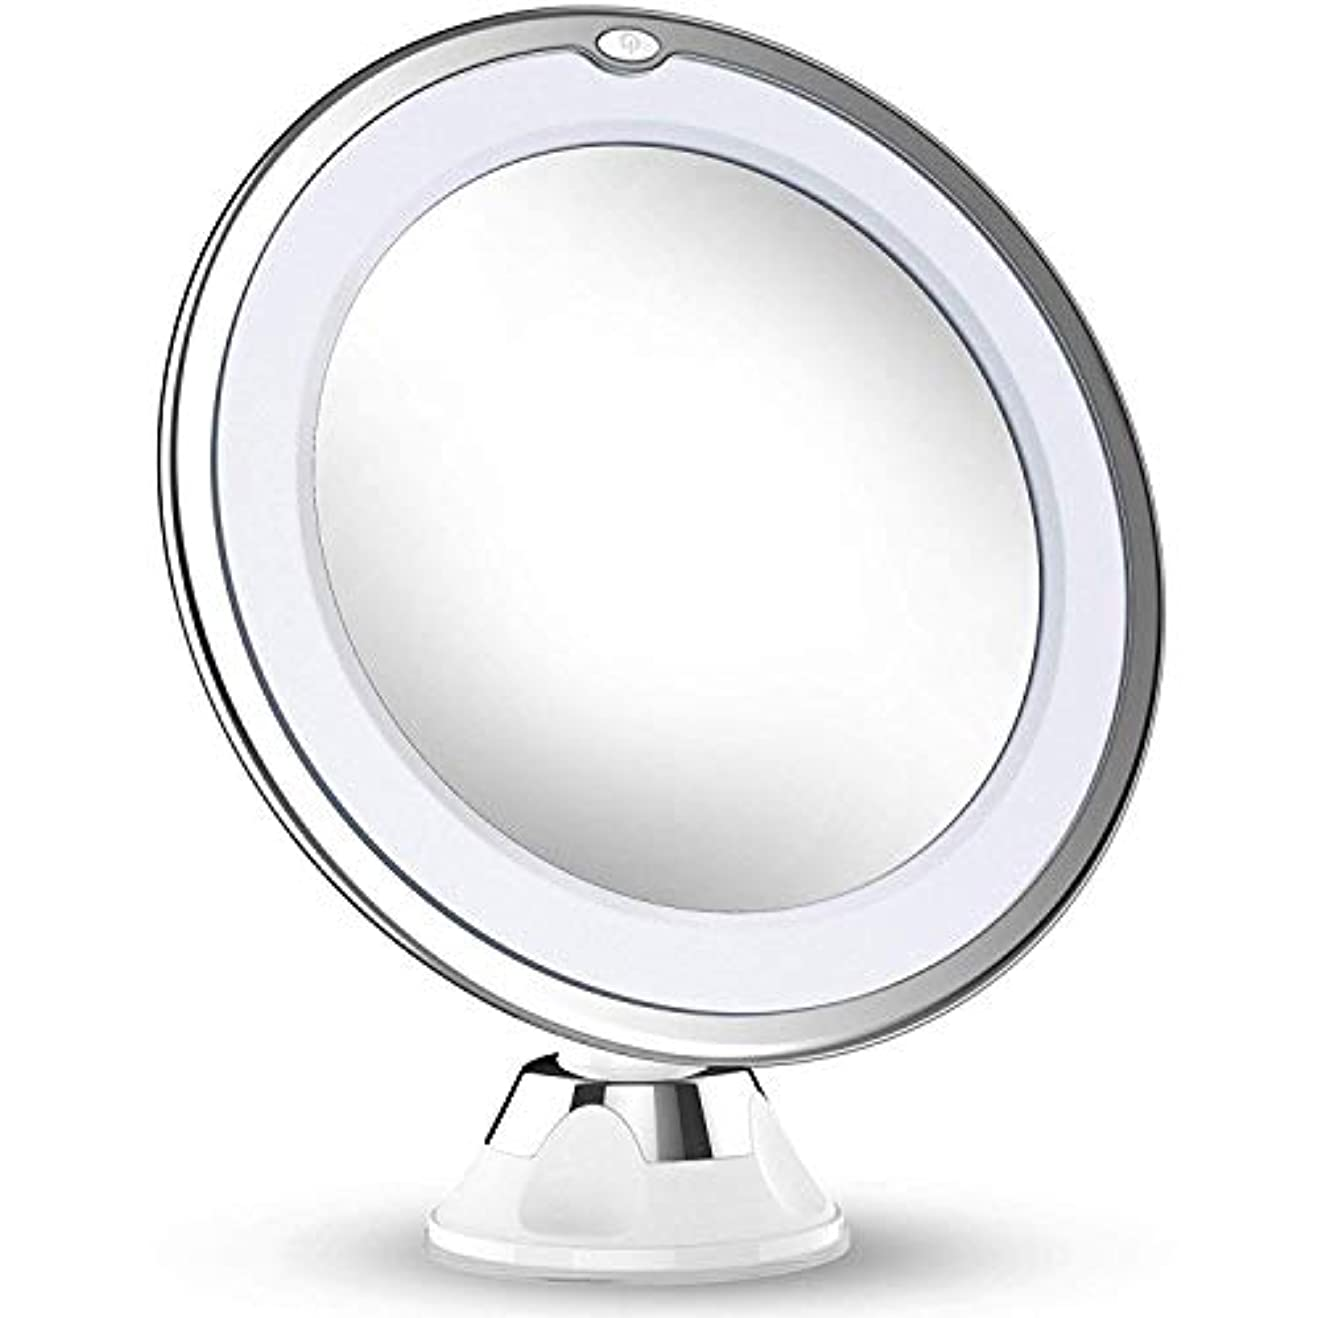 海岸まどろみのある良さ10倍拡大 ライト付き 拡大 化粧鏡 自宅 卓上 浴室 シャワールーム 旅行用 LEDライト ポータブル ハンド メイク用拡大ライトアップ鏡